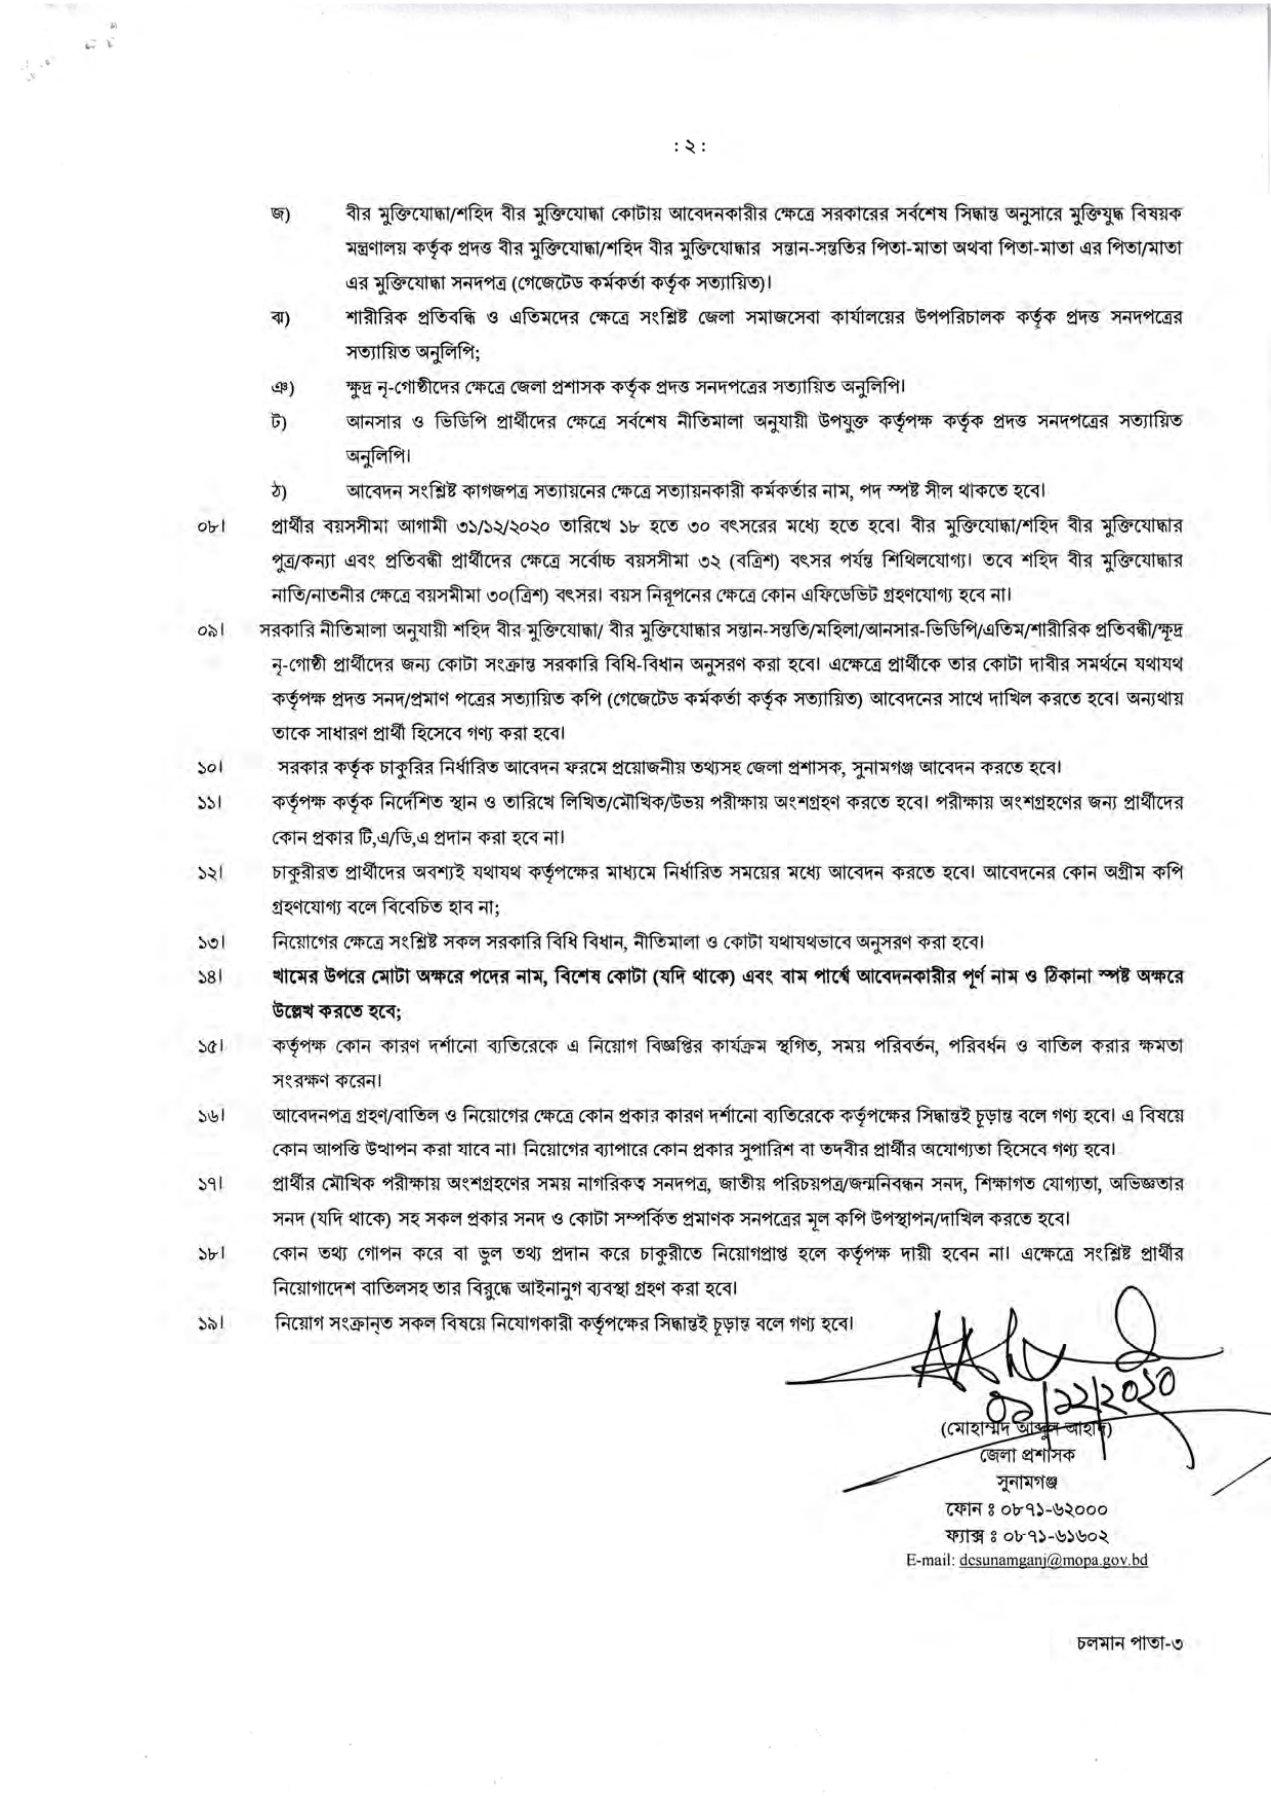 ৫১ পদে জেলা প্রশাসকের কার্যালয় সুনামগঞ্জের অধীনে শুন্য পদে নিয়োগ বিজ্ঞপ্তি ২০২০